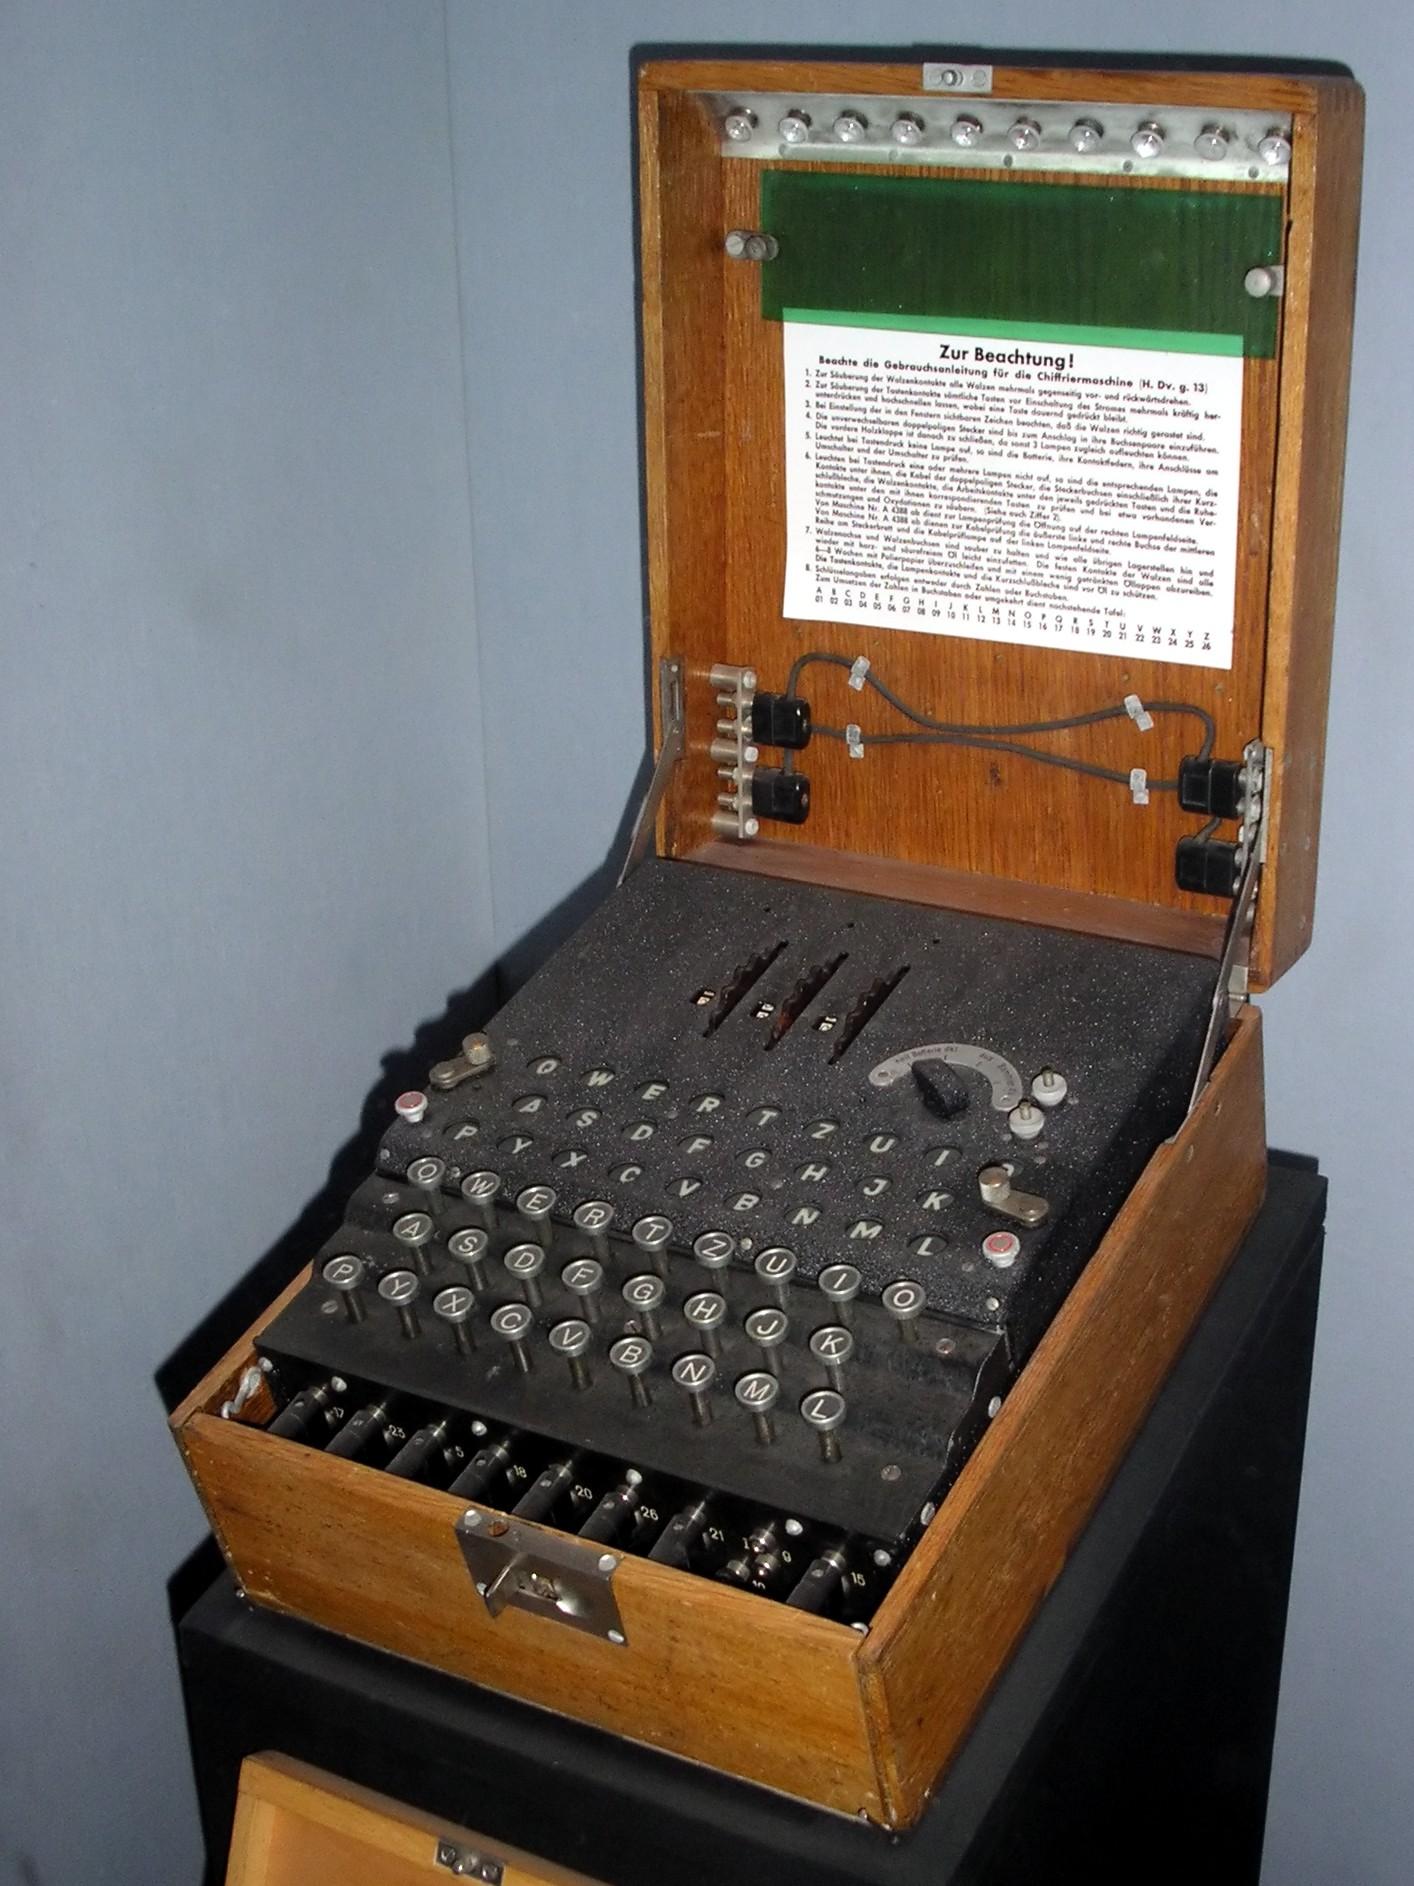 מכונות להצפנה ולפענוח של מסרים טקסטואליים, ששימשו את הכוחות הגרמנים והאיטלקים במלחמת העולם השנייה